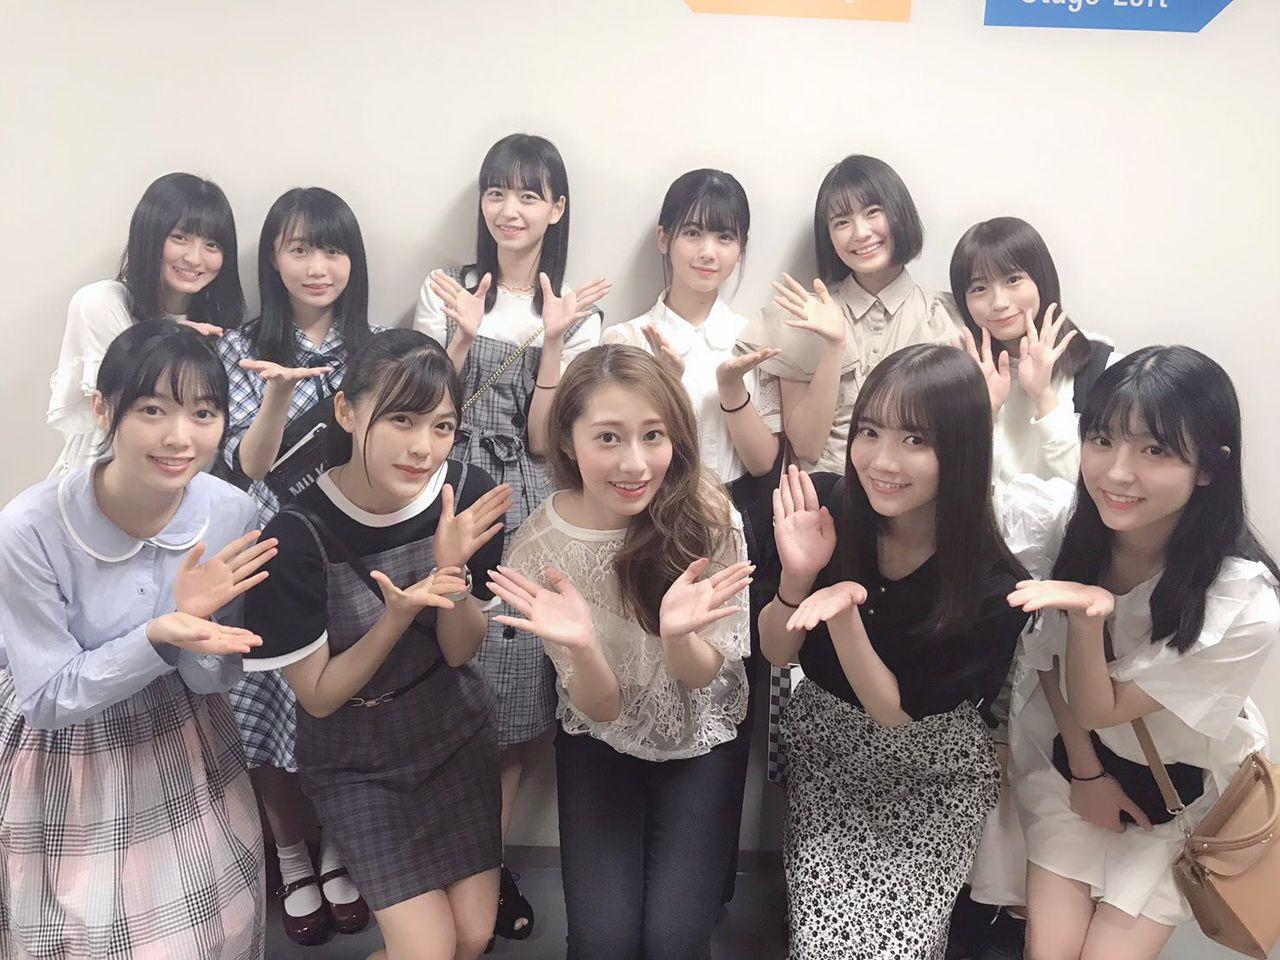 乃木坂46】可愛いw 4期生メンバー、桜井玲香舞台を観覧!!ご